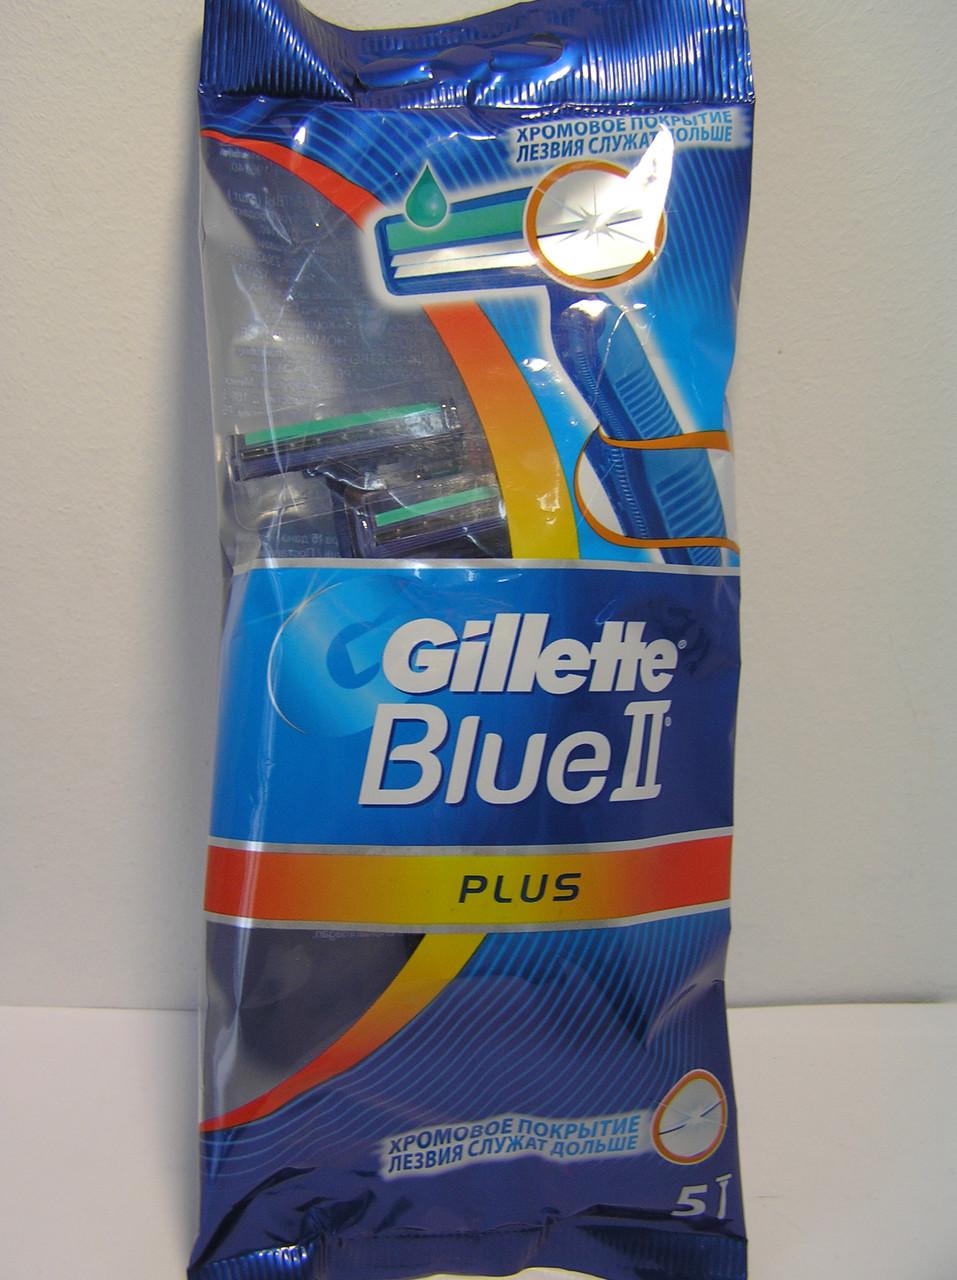 Станок мужской одноразовый Gillette  Blue II Plus  5 шт. (Жиллетт Блю 2 плюс)